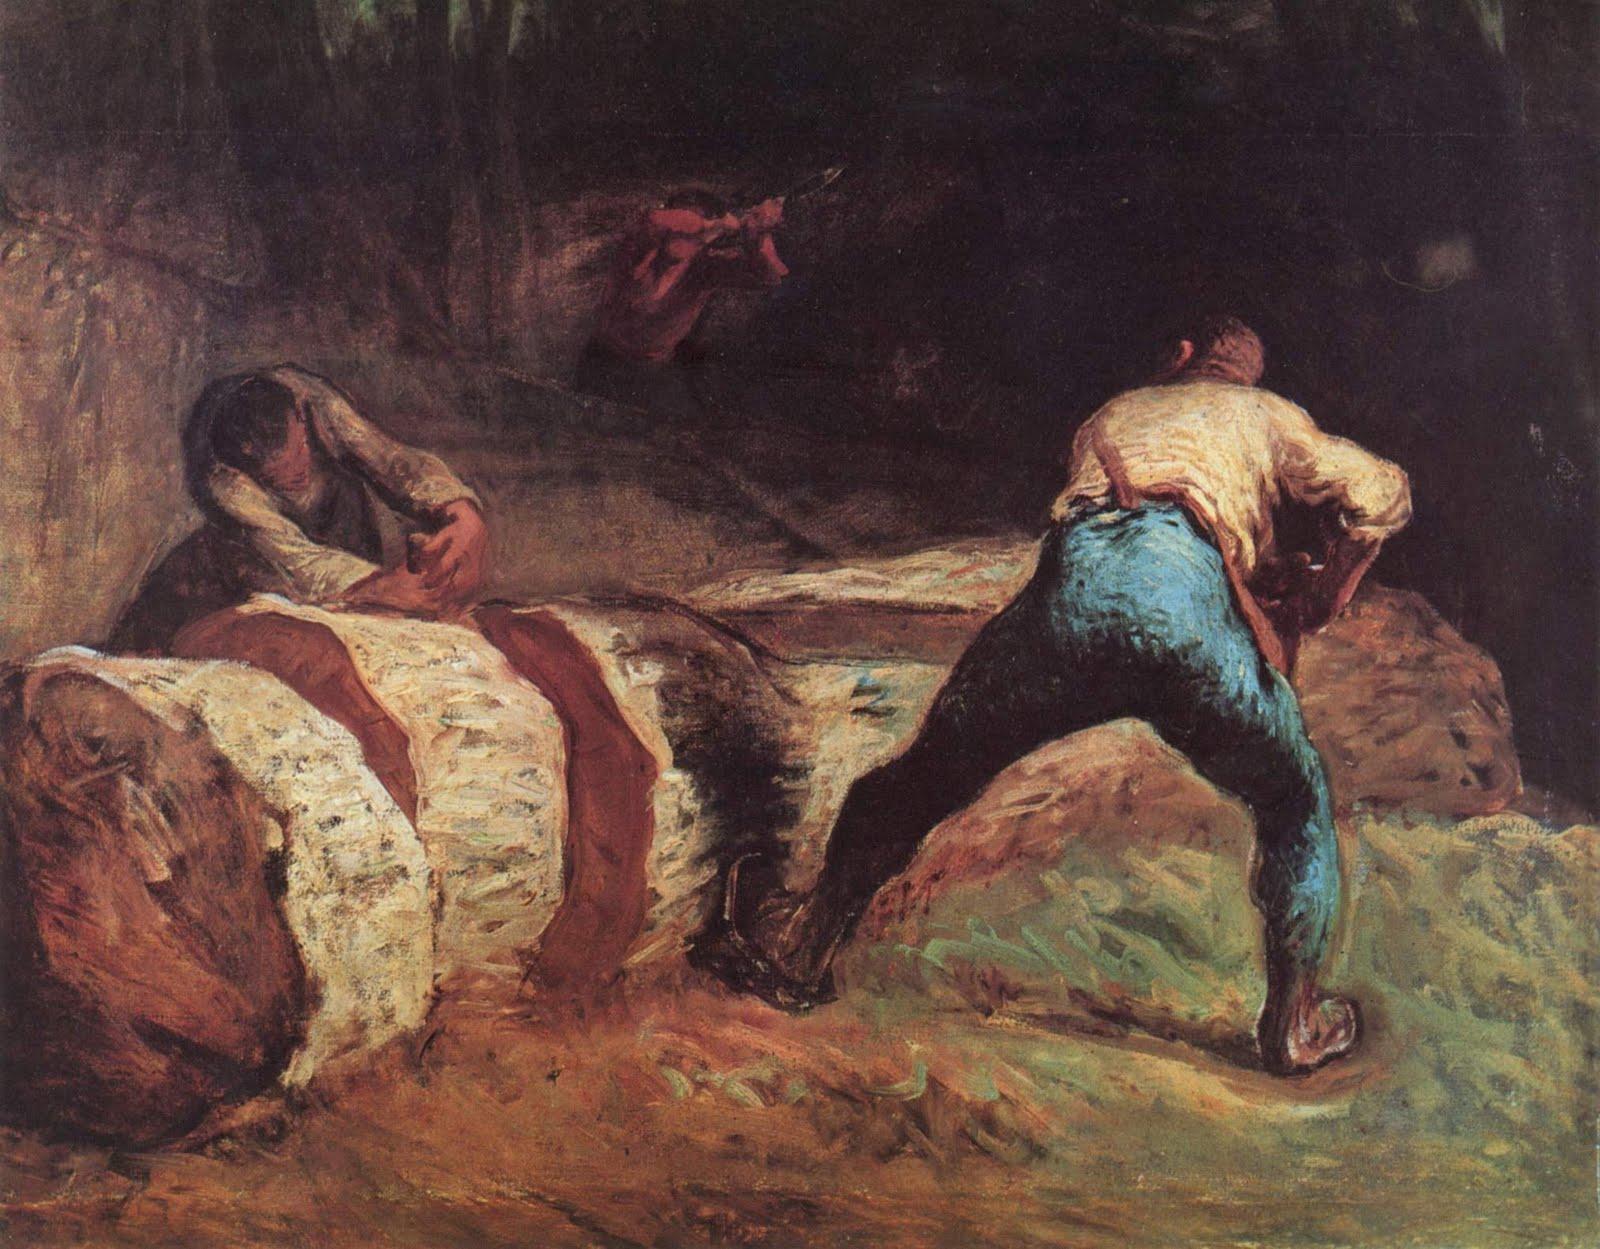 Жан Милле. Пильщики в лесу